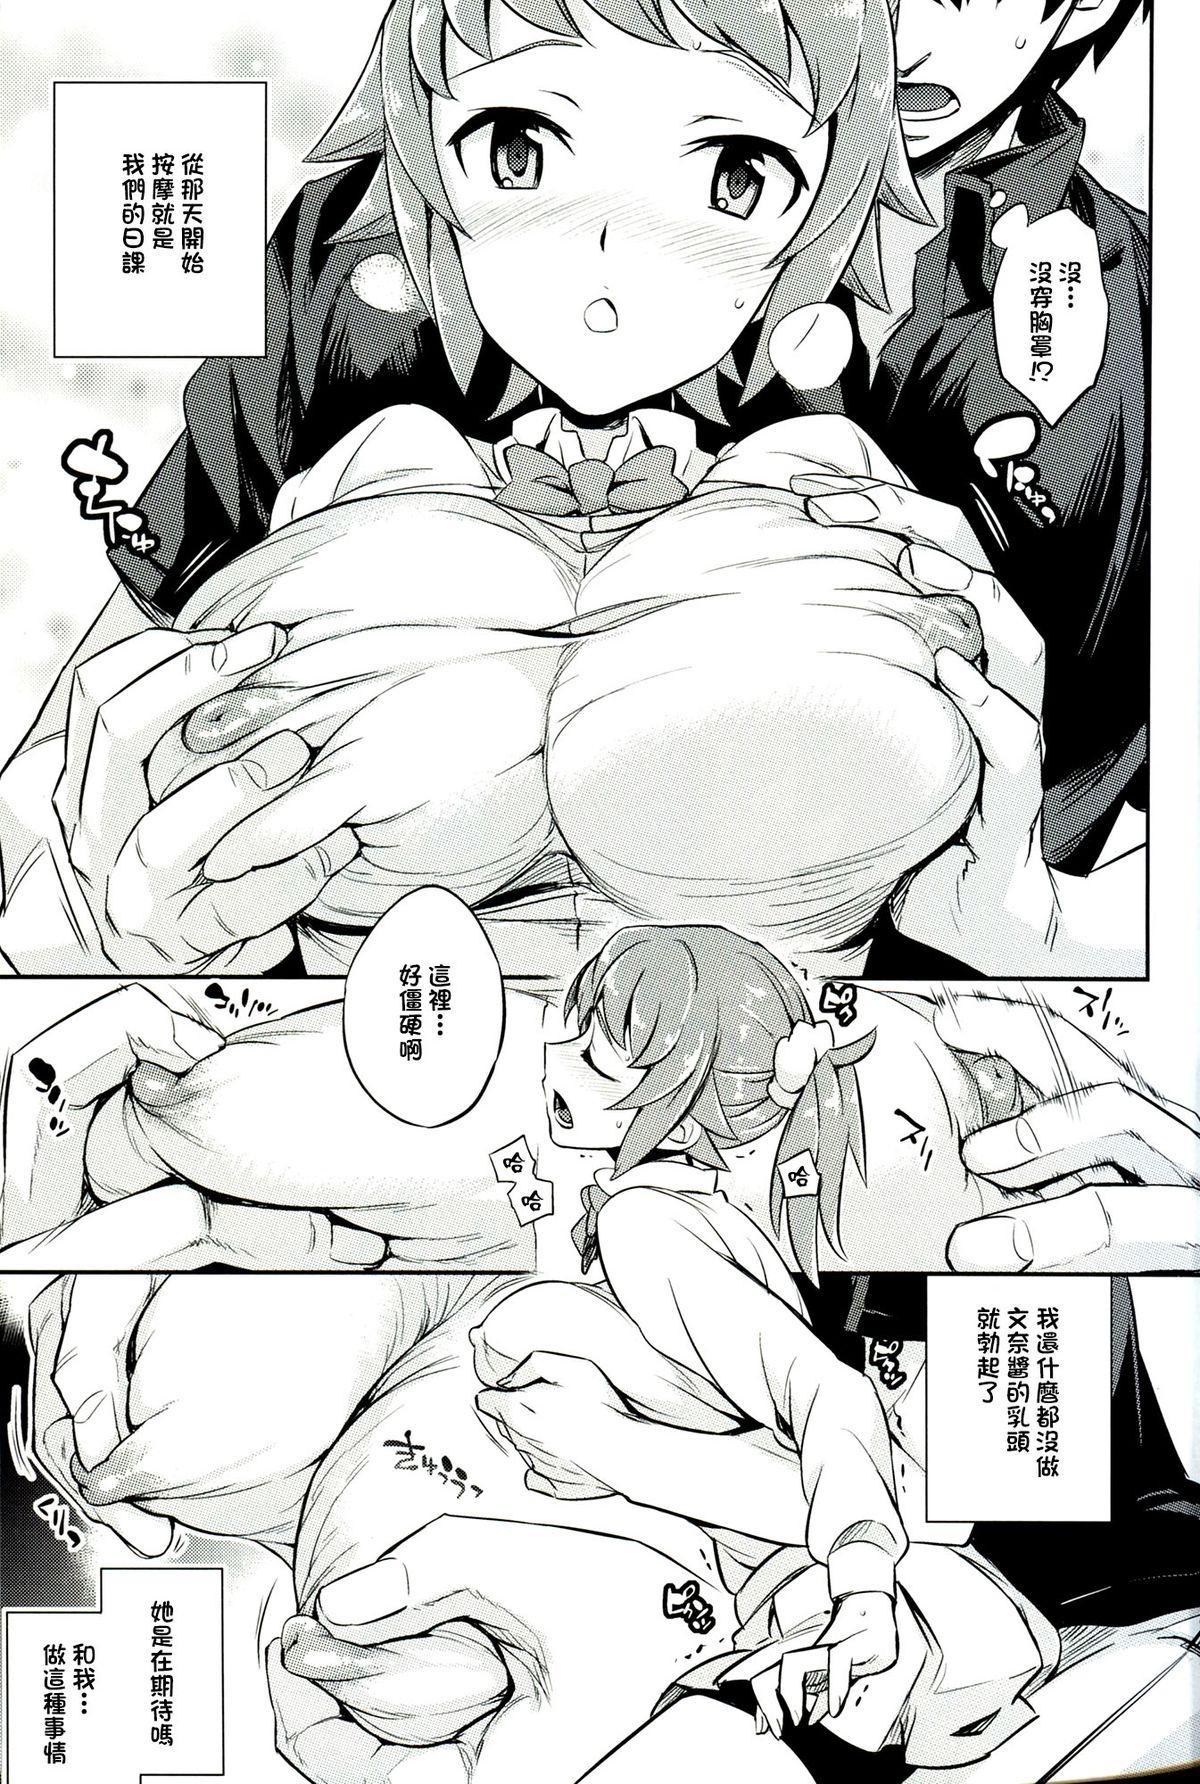 (C87) [Crazy9 (Ichitaka)] C9-15 Fumina-senpai to Mob Onii-chan (Gundam Build Fighters Try) [Chinese] [CE家族社] 8